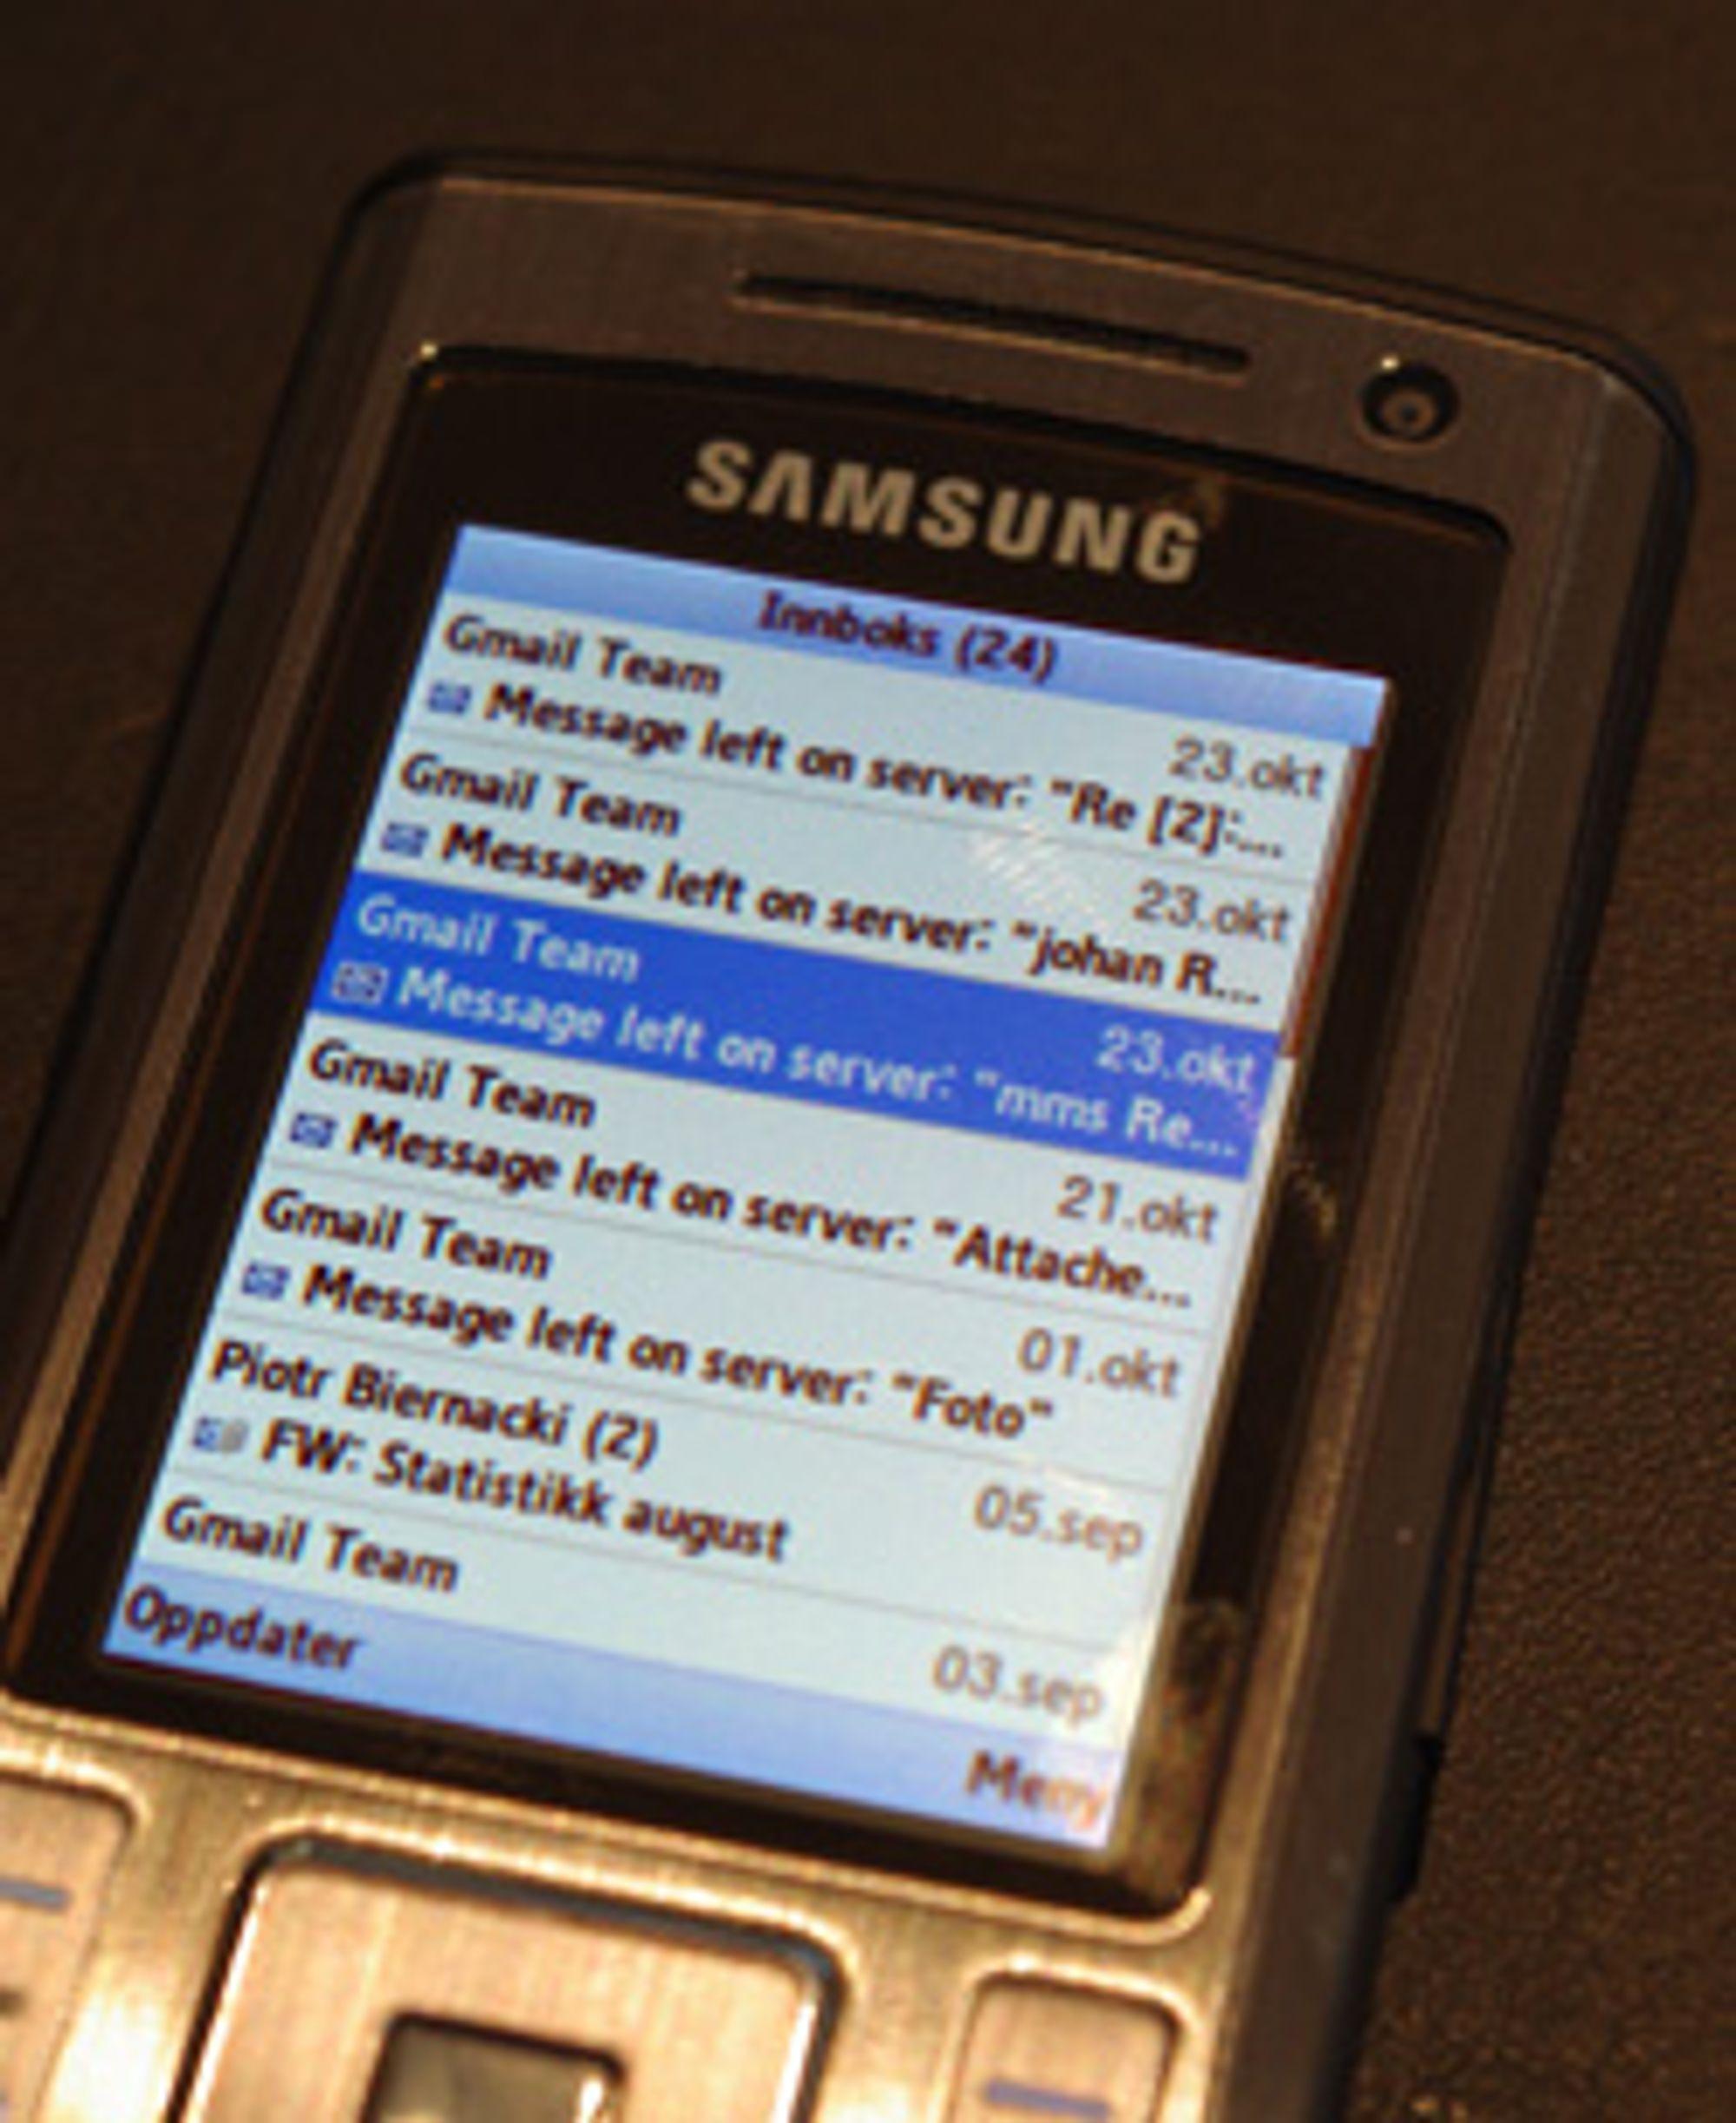 Nå støtter Gmail-klienten nesten alle mobiler. (Foto: Einar Eriksen)